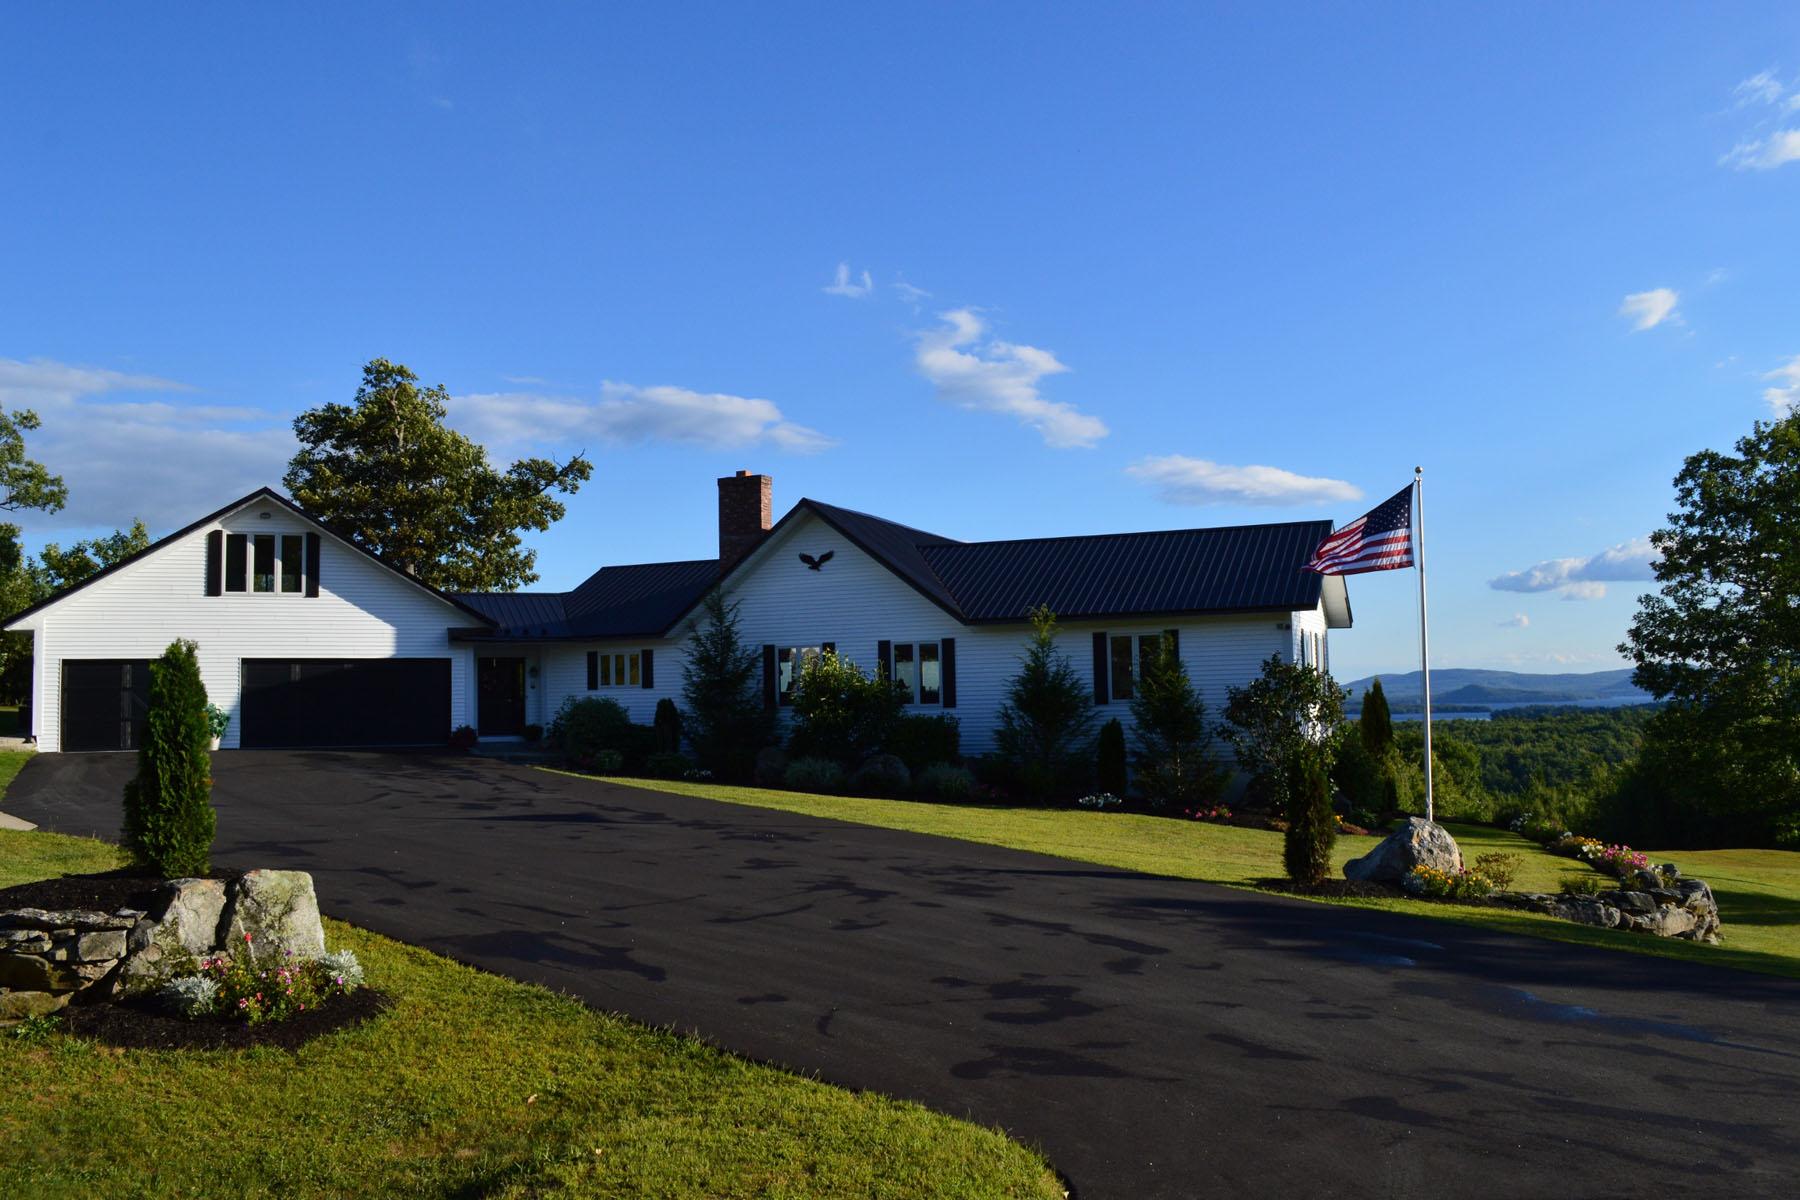 Maison unifamiliale pour l Vente à 61 Furber Lane, Wolfeboro 61 Furber Ln Wolfeboro, New Hampshire 03894 États-Unis